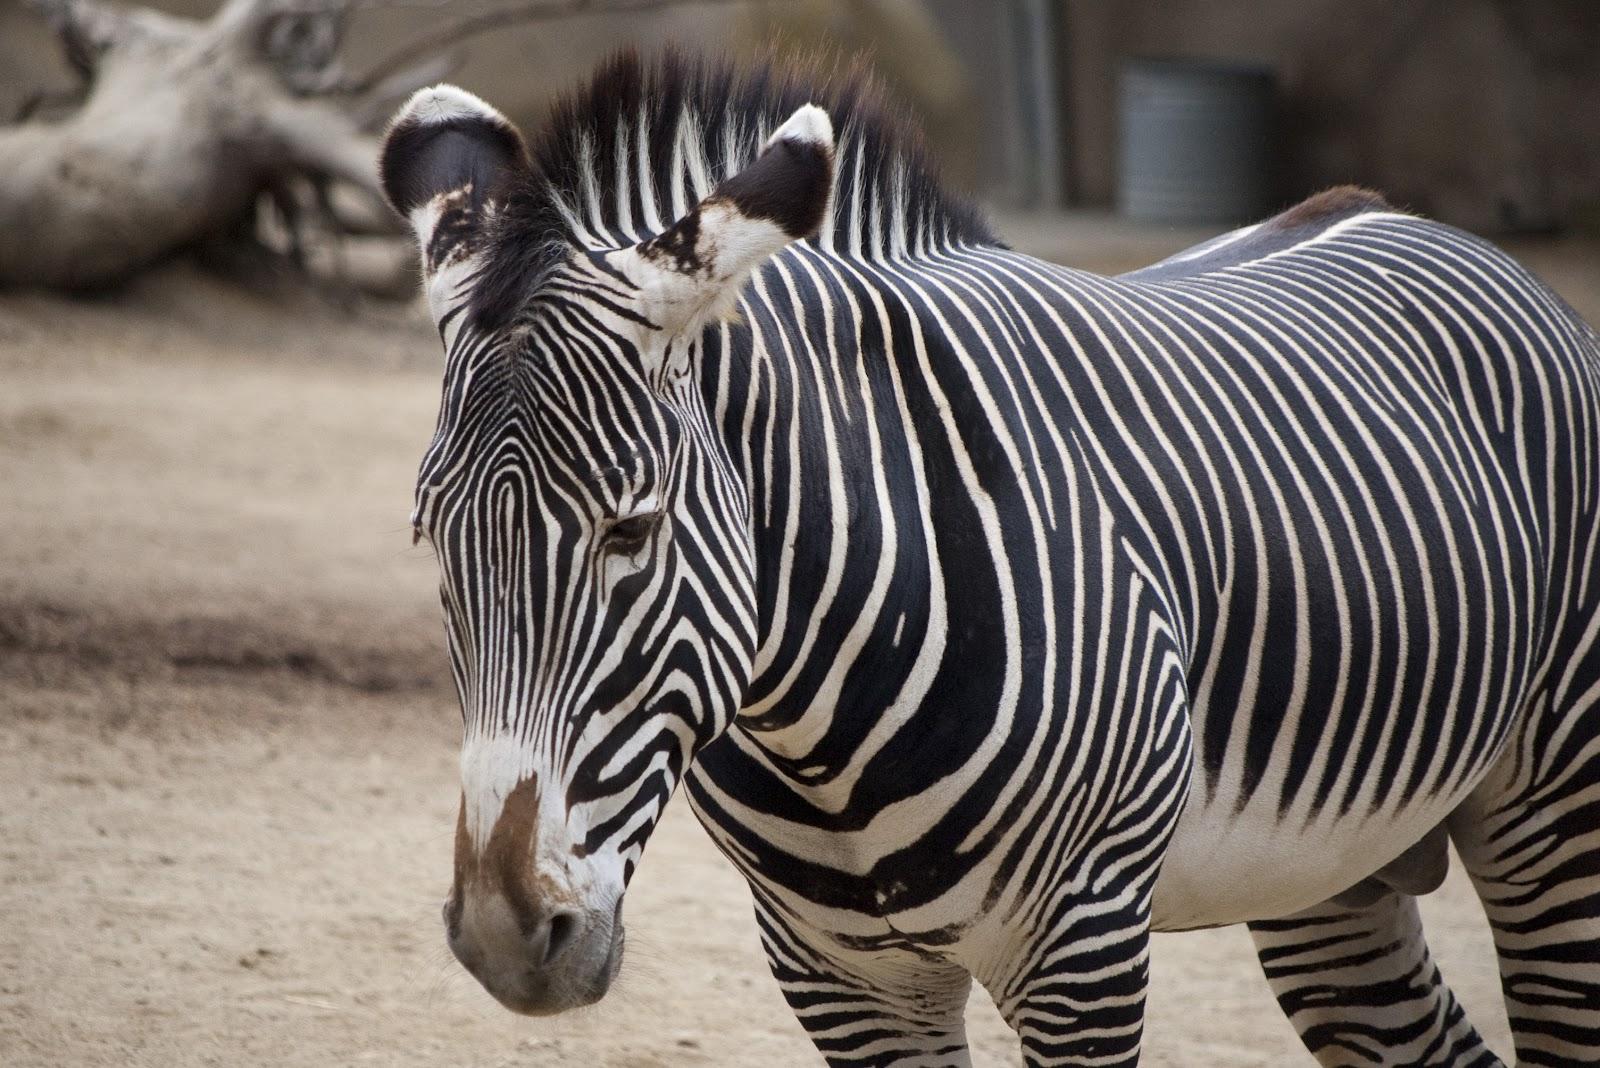 http://3.bp.blogspot.com/-F7gcp4ILqpc/Tz-B9kFAOoI/AAAAAAAAMHI/wRSuGdmDqcY/s1600/Zebra+9.jpg